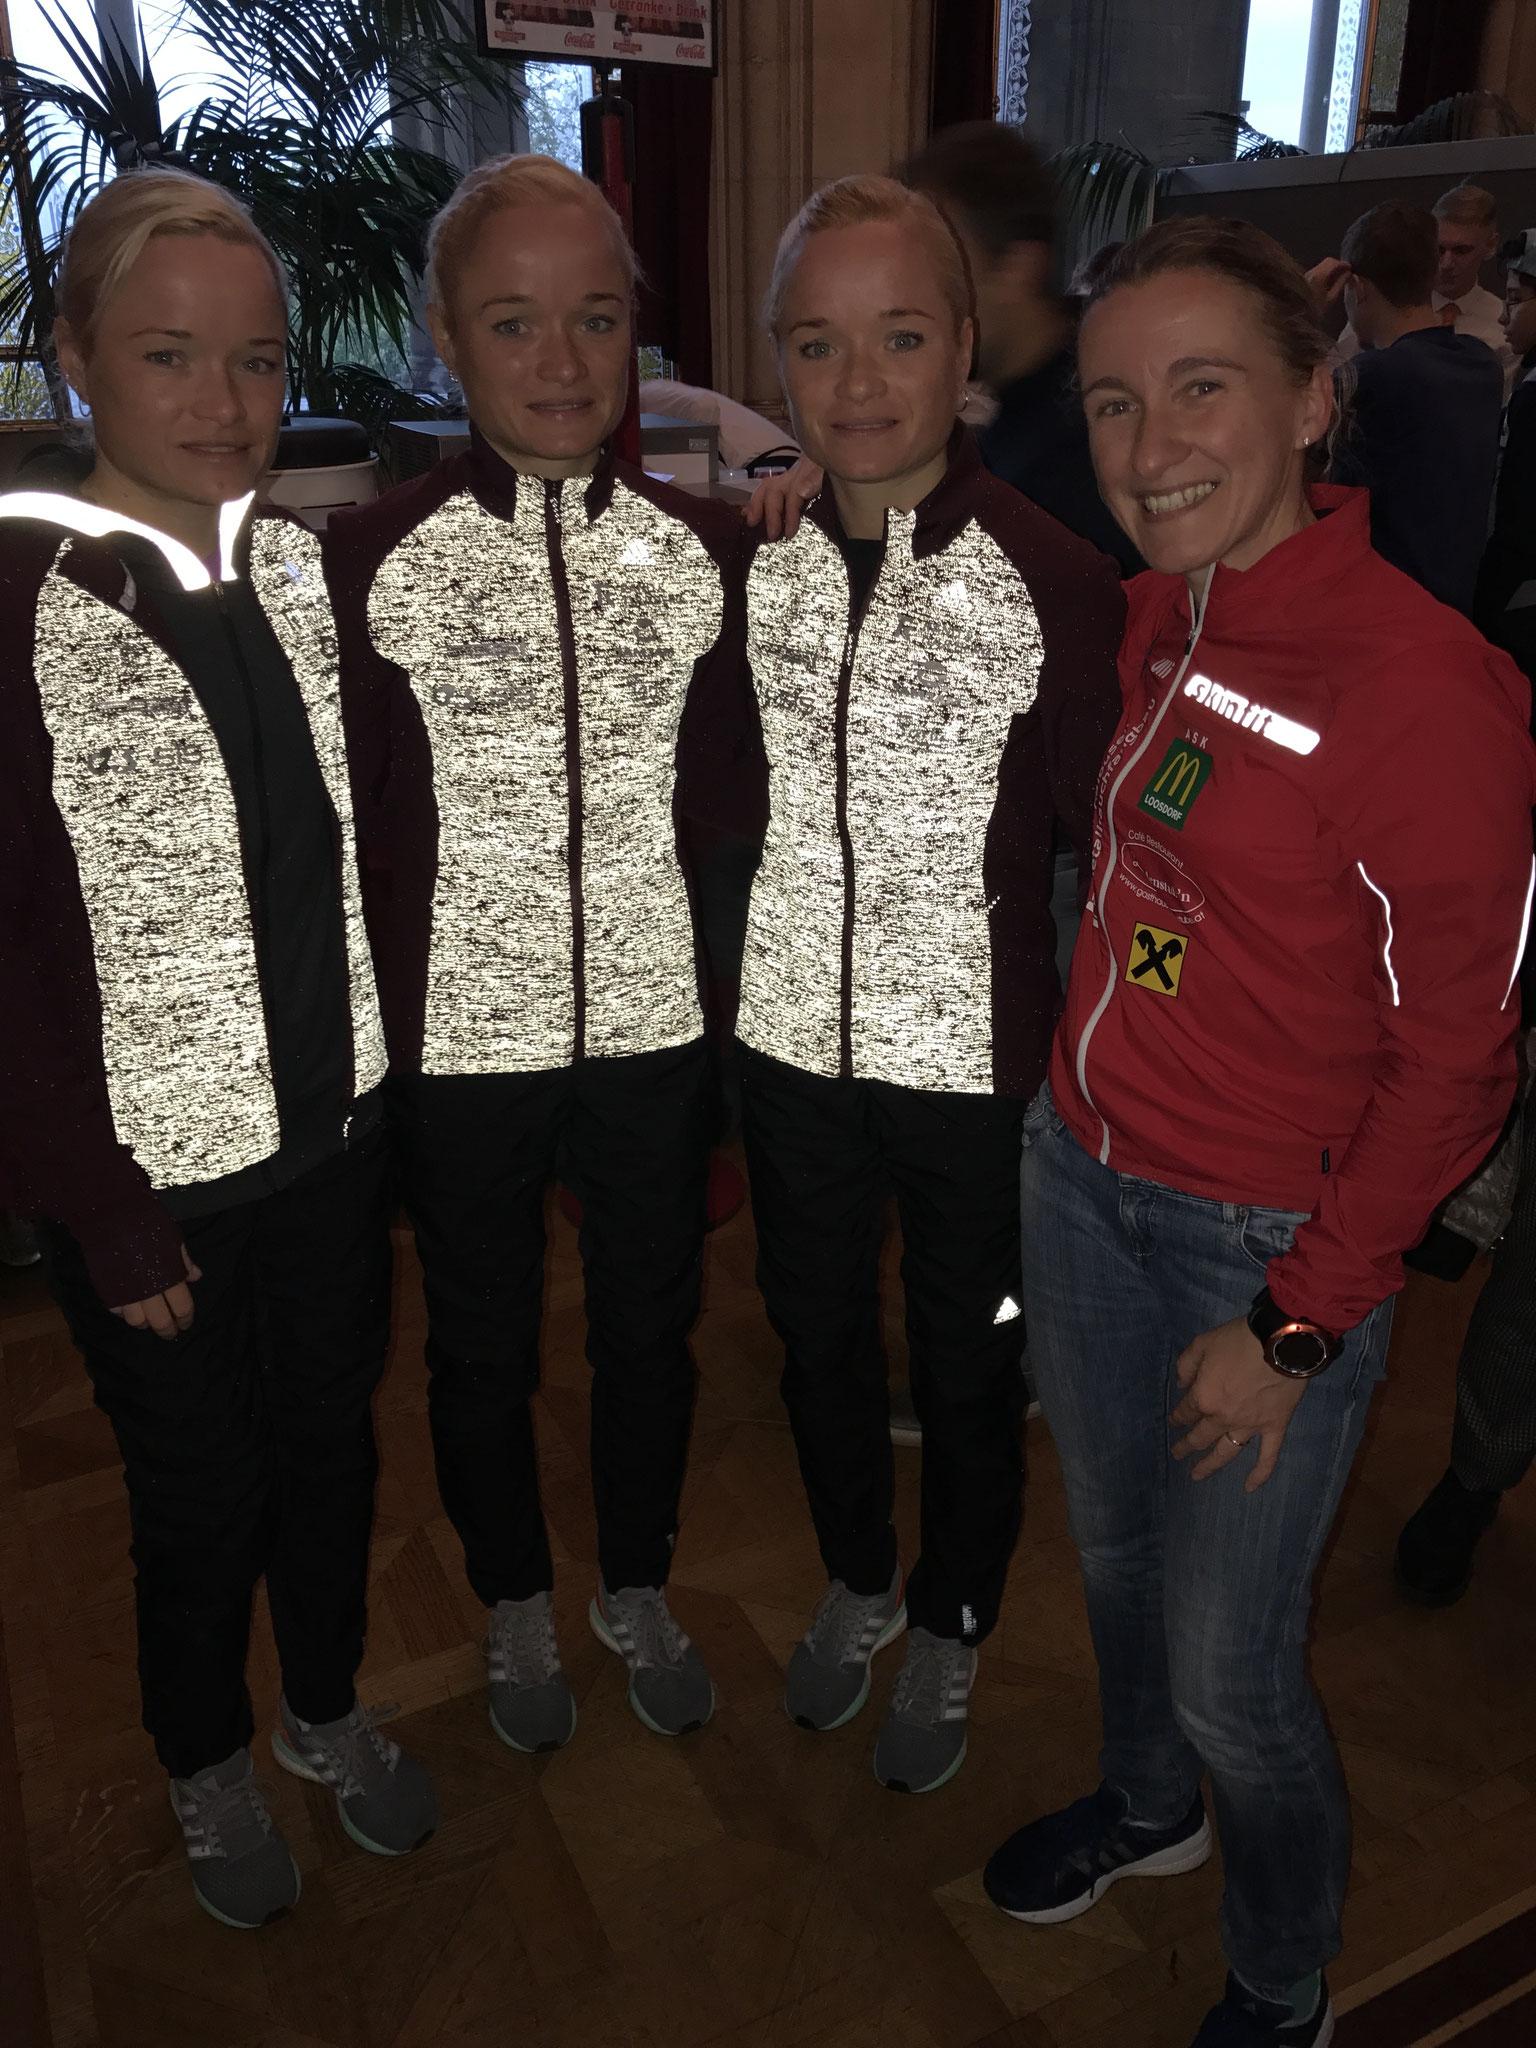 Unsere Uli mit den Olympia Drillingen Leila, Liina und Lily Luik aus Estland